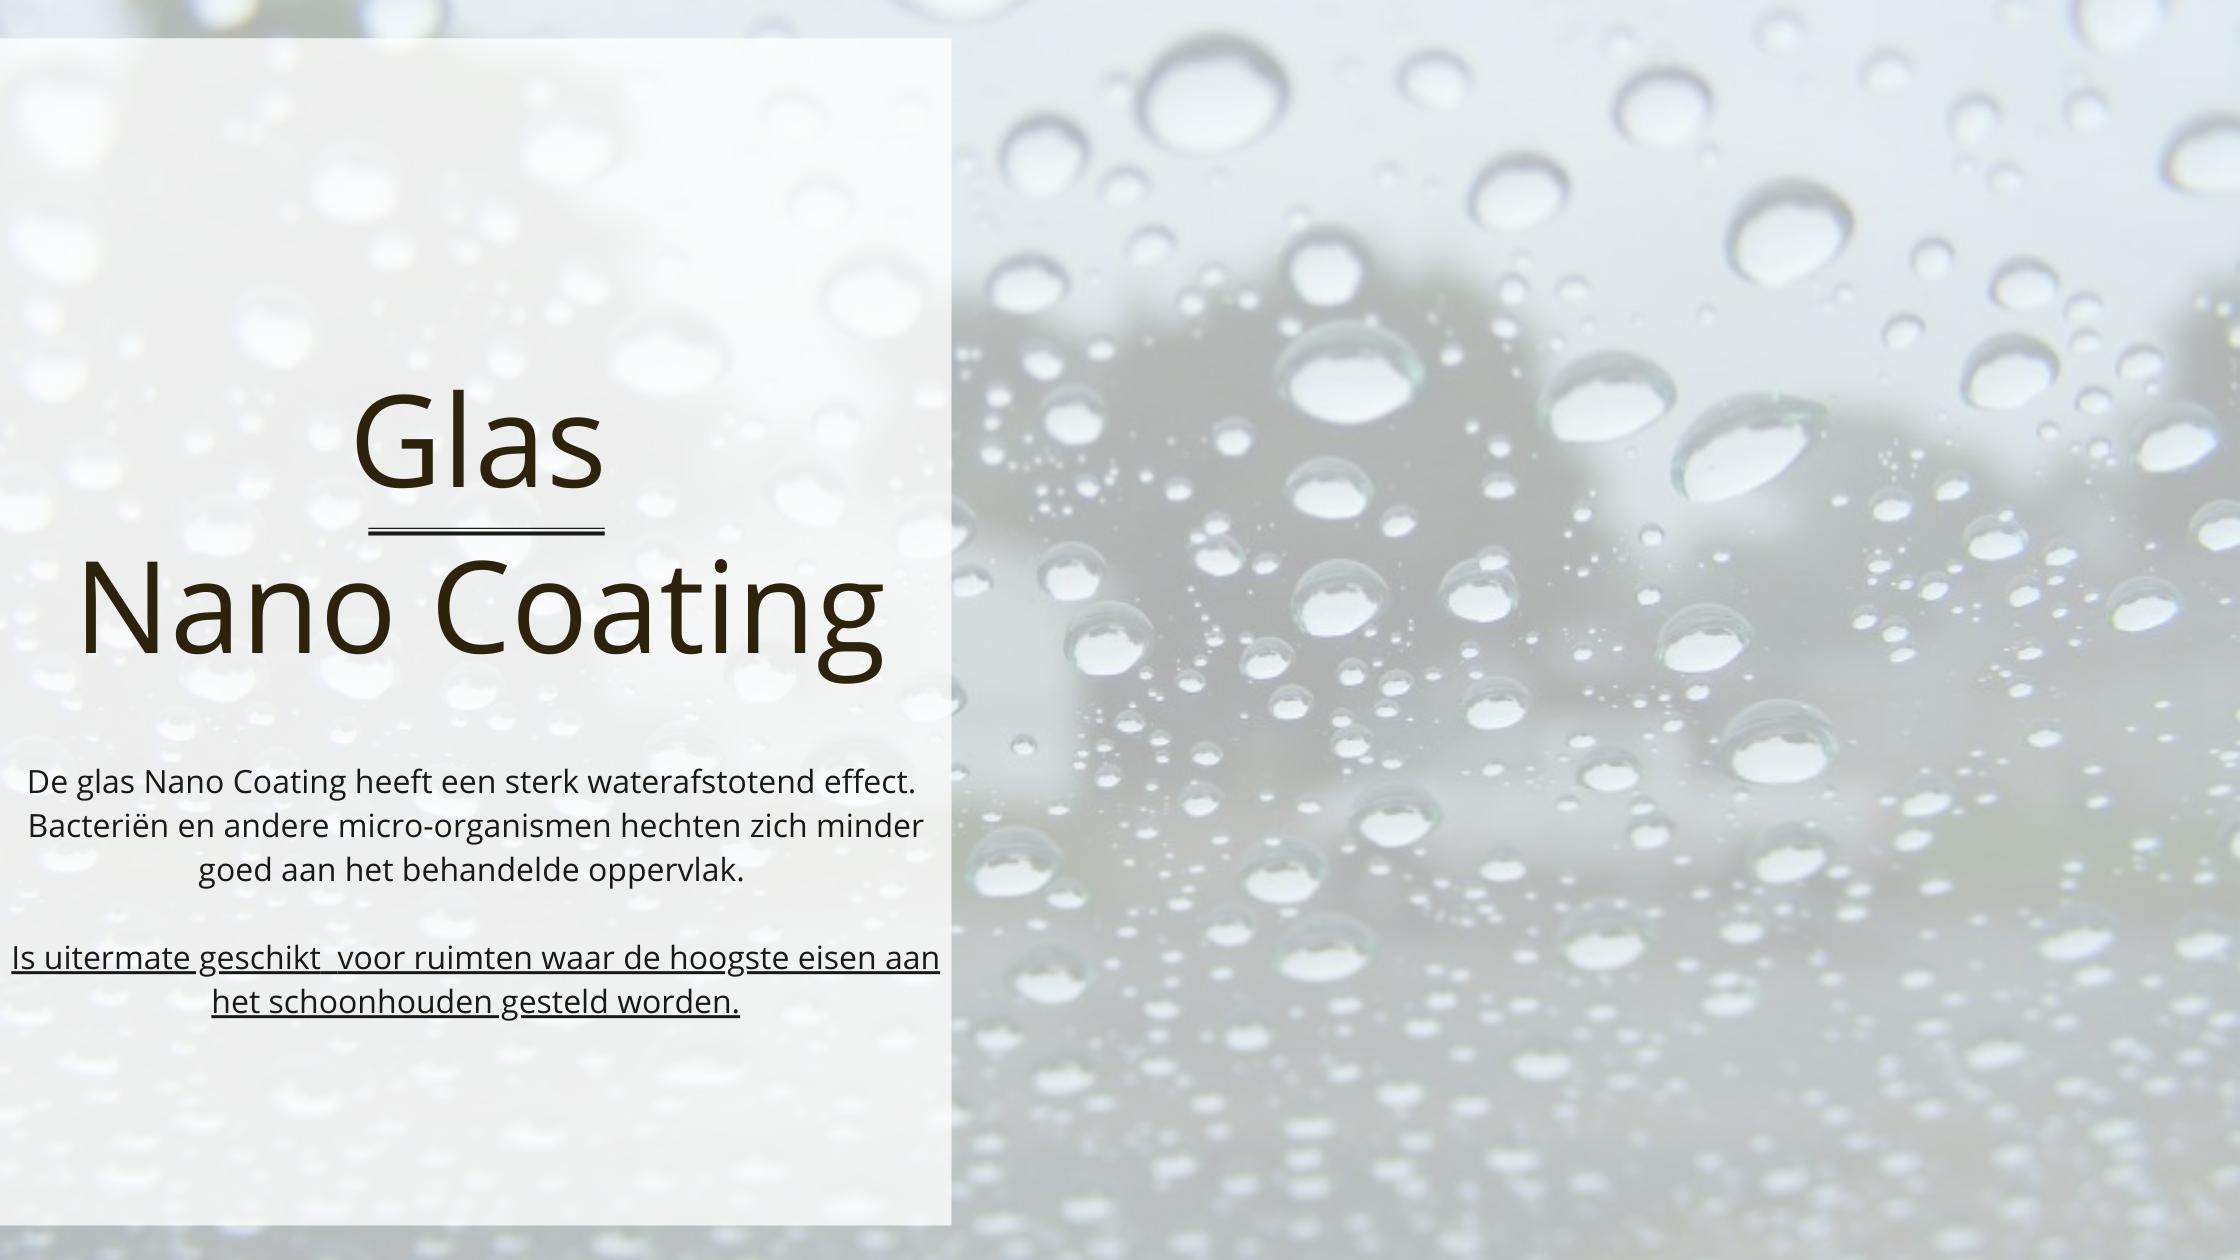 Glas Nano Coating is een zeer effectieve Nano Coating voor glas en keramische oppervlakken. Het wordt zowel binnen als buiten toegepast, waarbij een sterk waterafstotend effect ontstaat. Ook bacteriën en andere micro-organismen hechten zich minder goed aan het behandelde oppervlak. De Glas Nano Coating voor glas is uitermate geschikt maakt voor ruimten waar de hoogste eisen aan het schoonhouden gesteld worden. Te denken valt hierbij aan bijvoorbeeld ziekenhuizen en de zuivelverwerking.